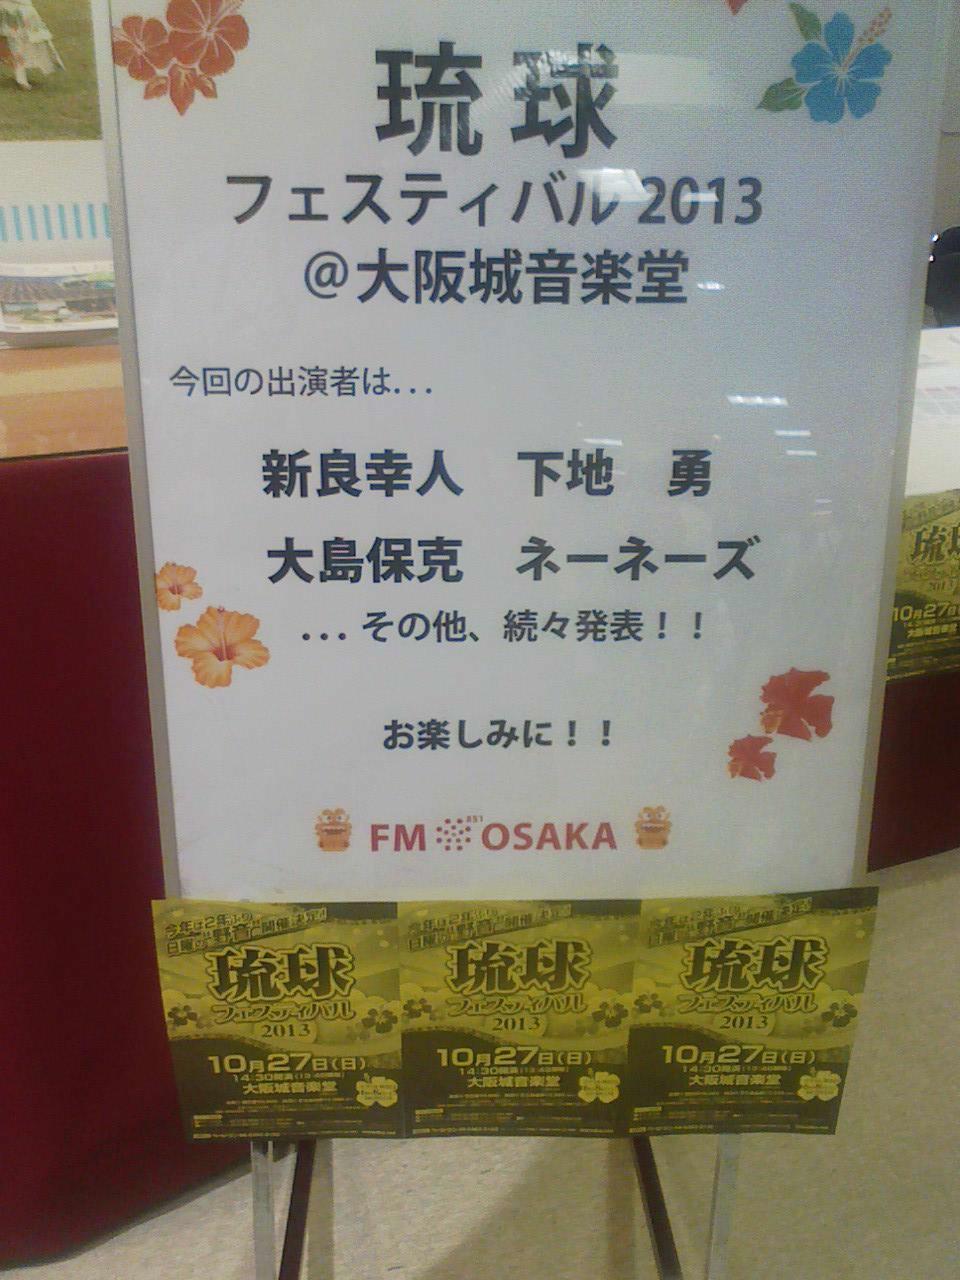 「八重泉」「御酒」「沖縄県酒造組合」_c0061686_6454371.jpg